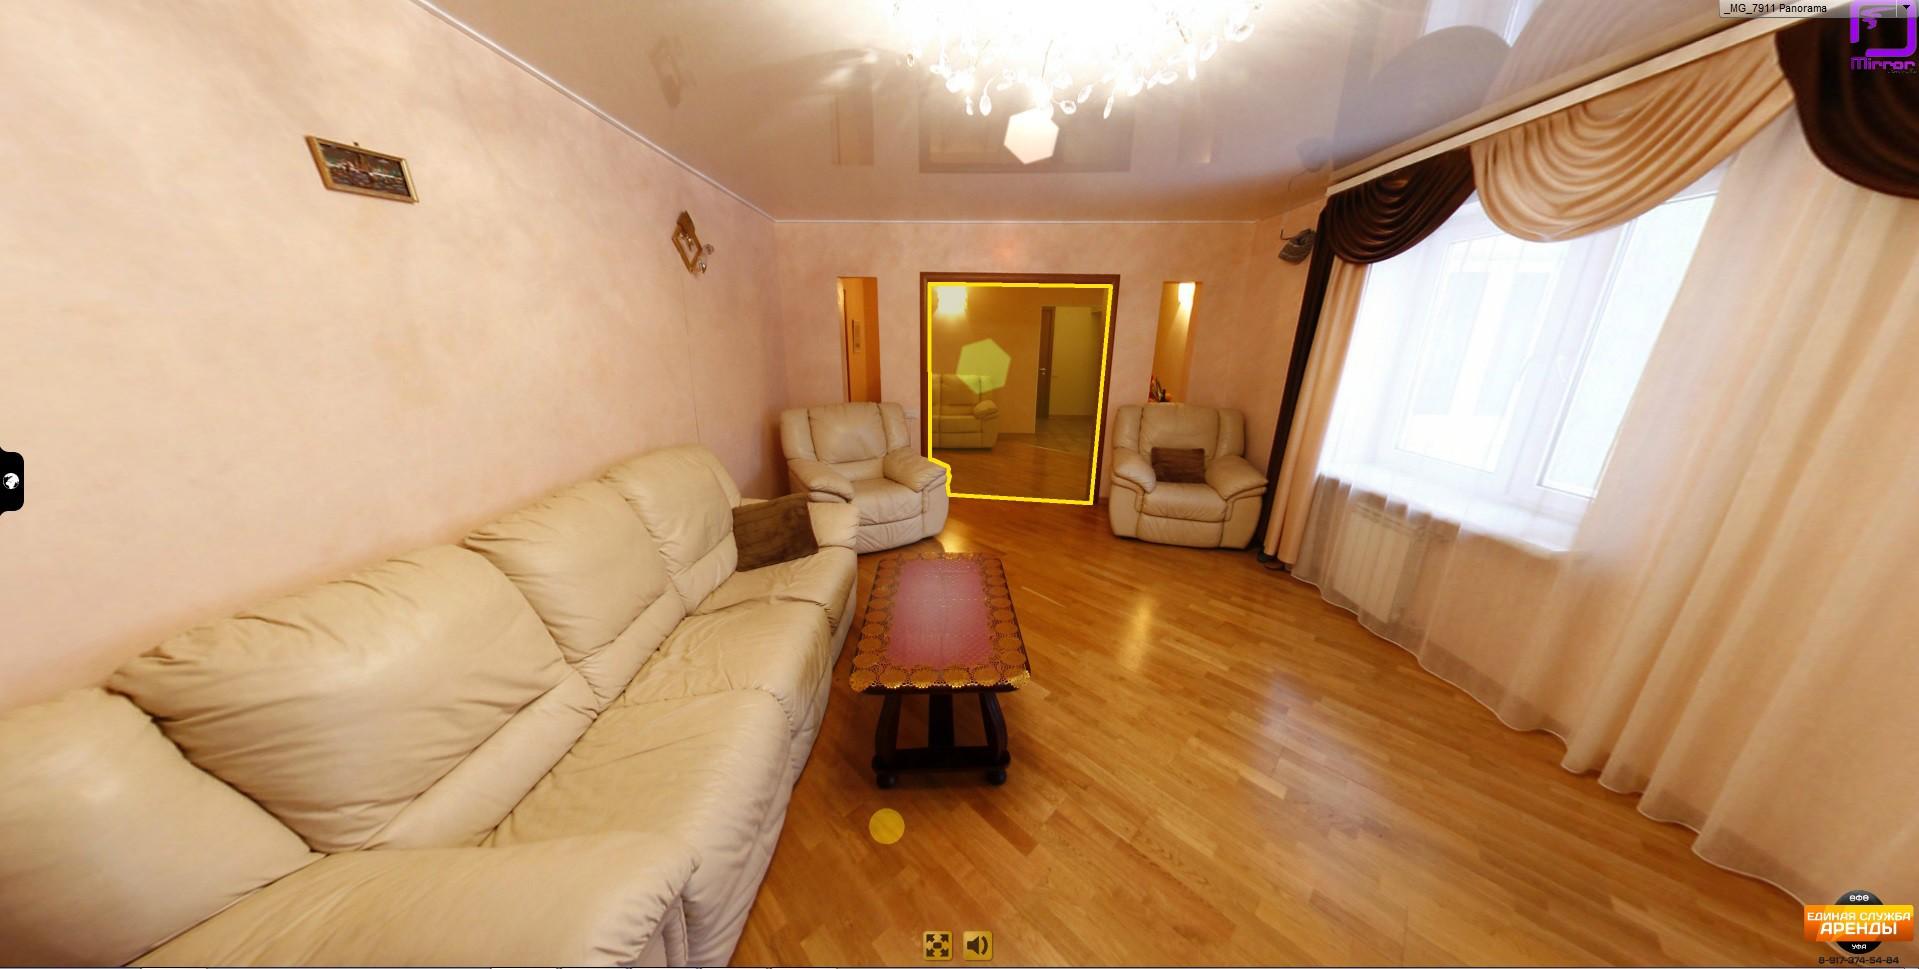 Двухкомнатная квартира Уфа, Кировский р-н, ул. Бакалинская, 25 ...